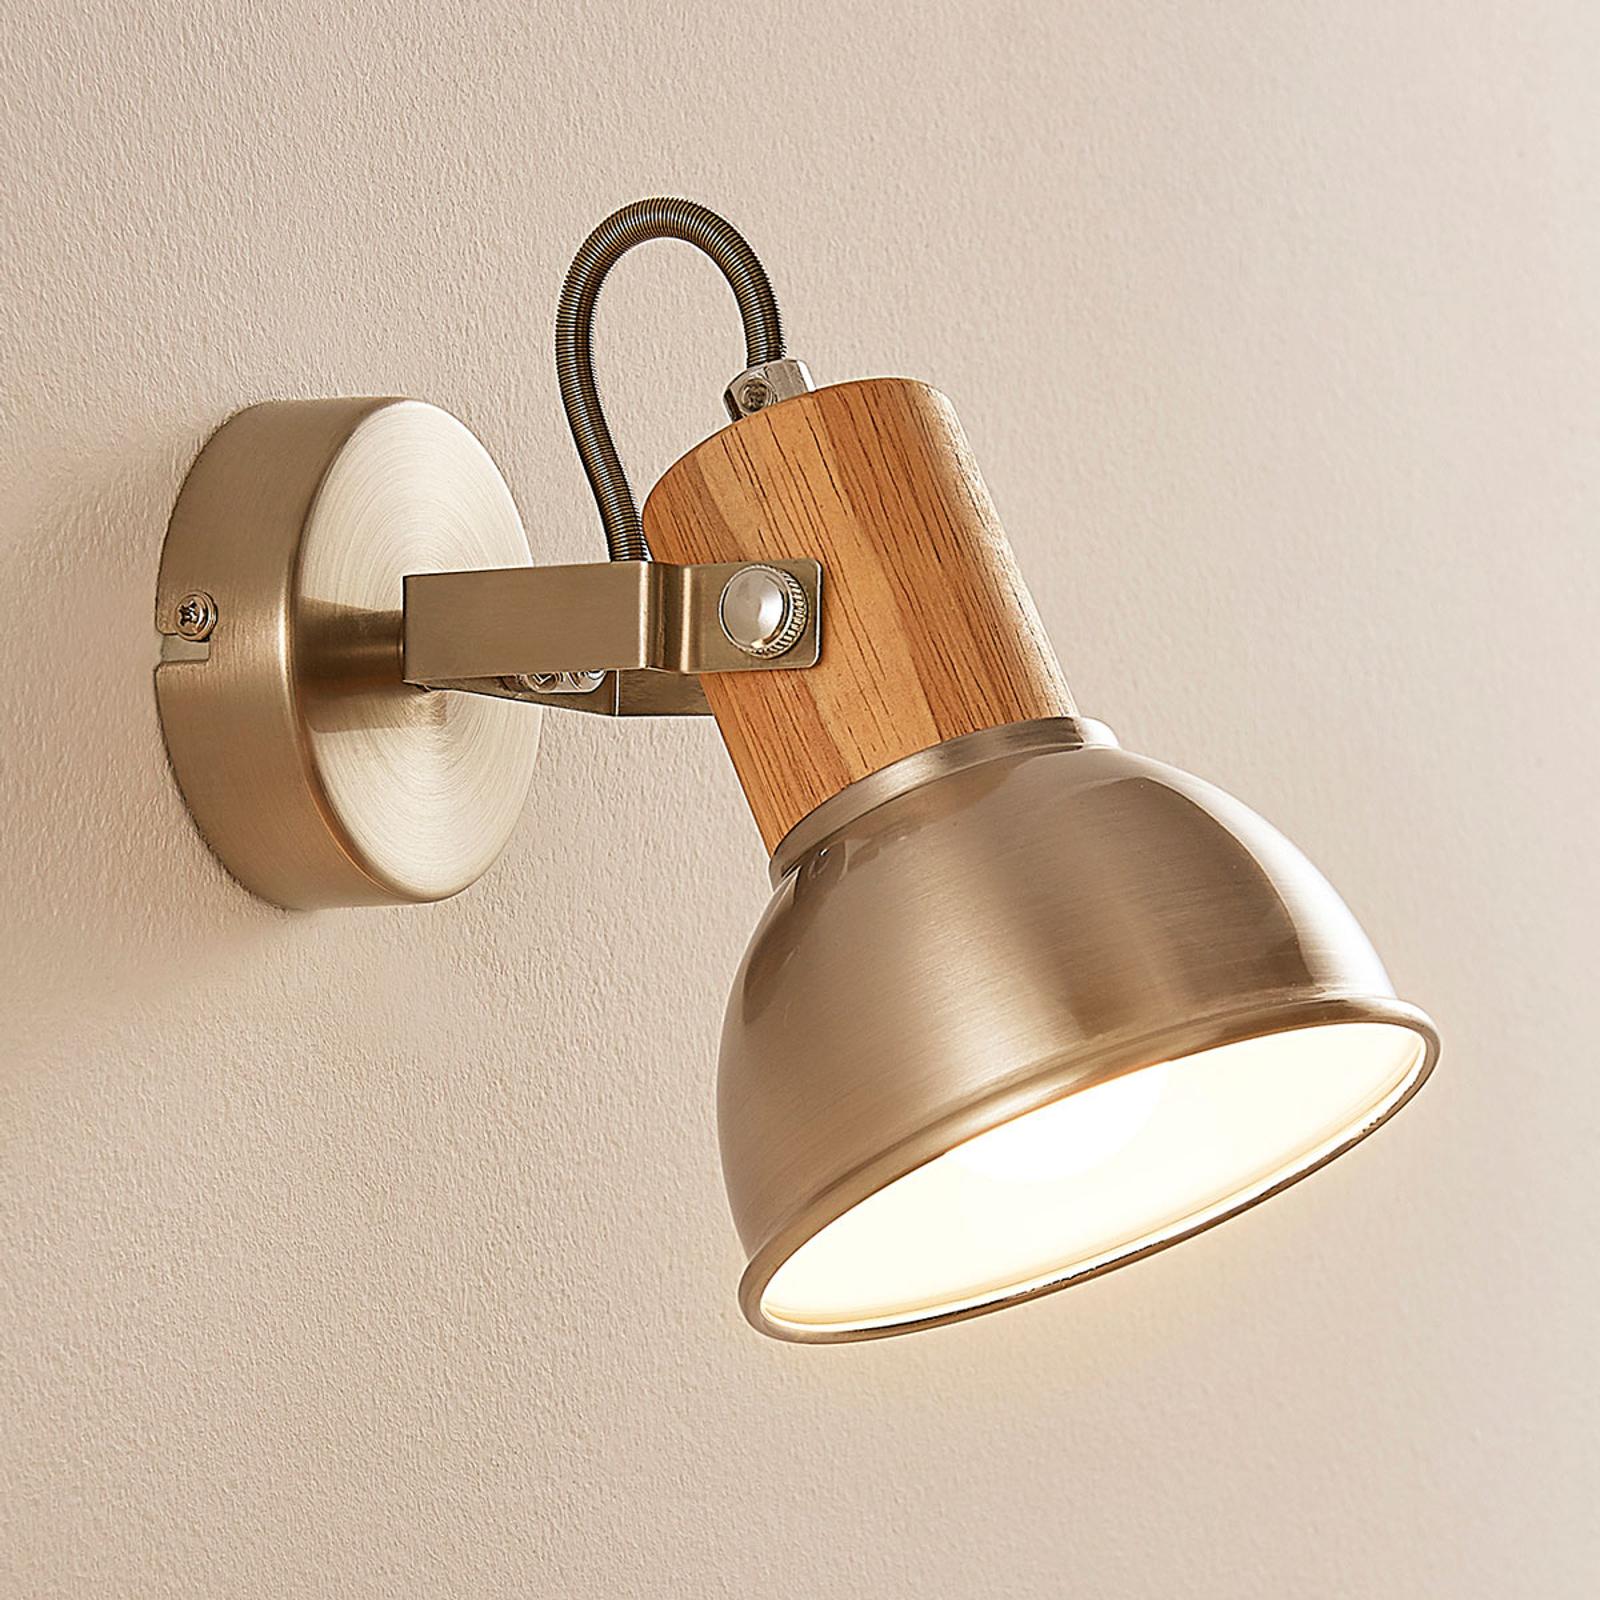 Faretto LED Dennis con elemento in legno